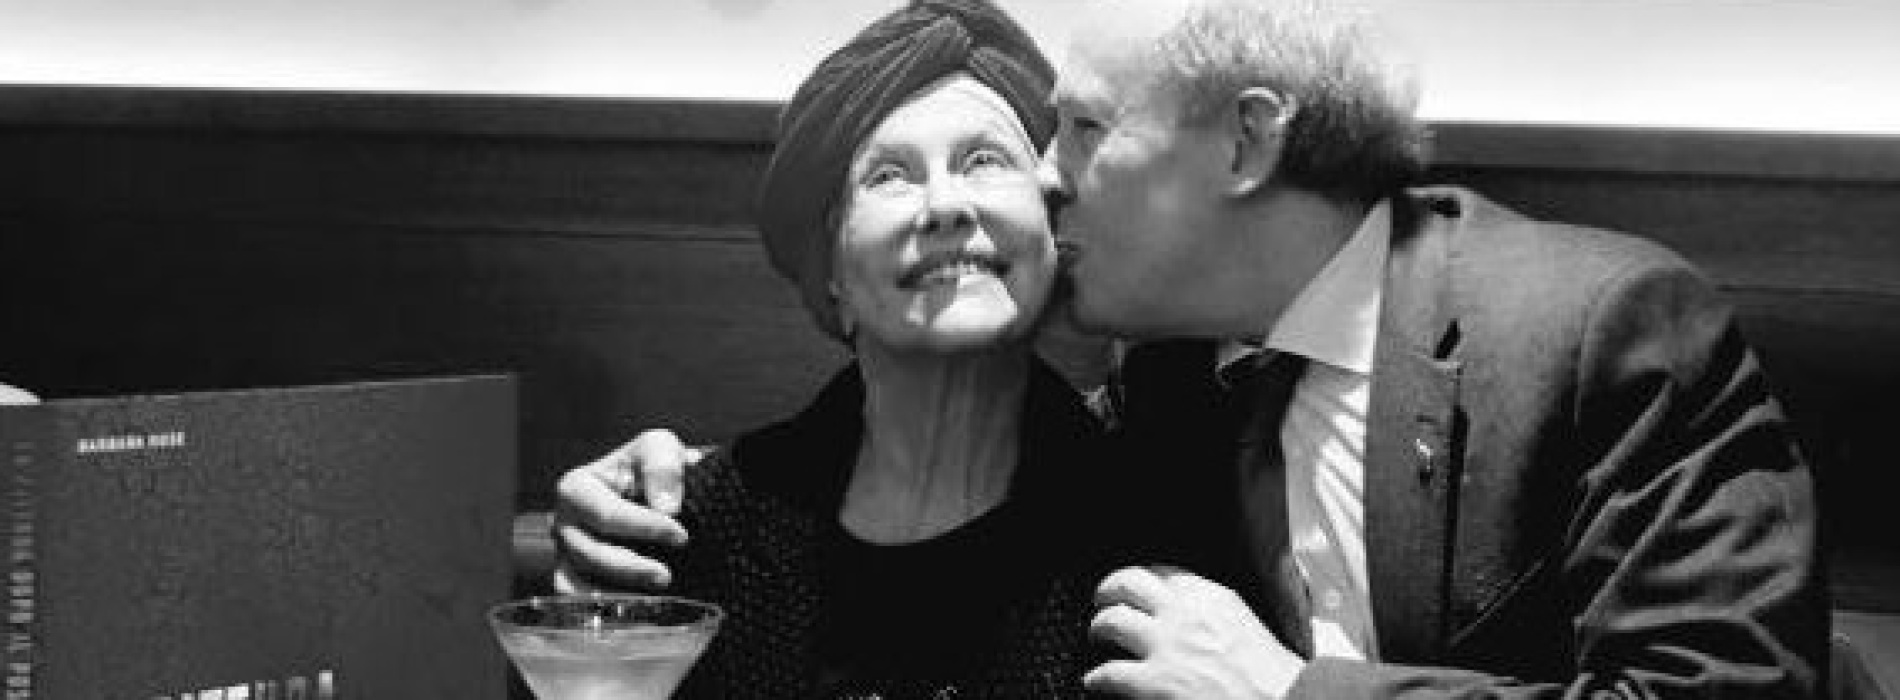 Giacomo Serao, il cocktail al bacio per salutare Barbara Rose